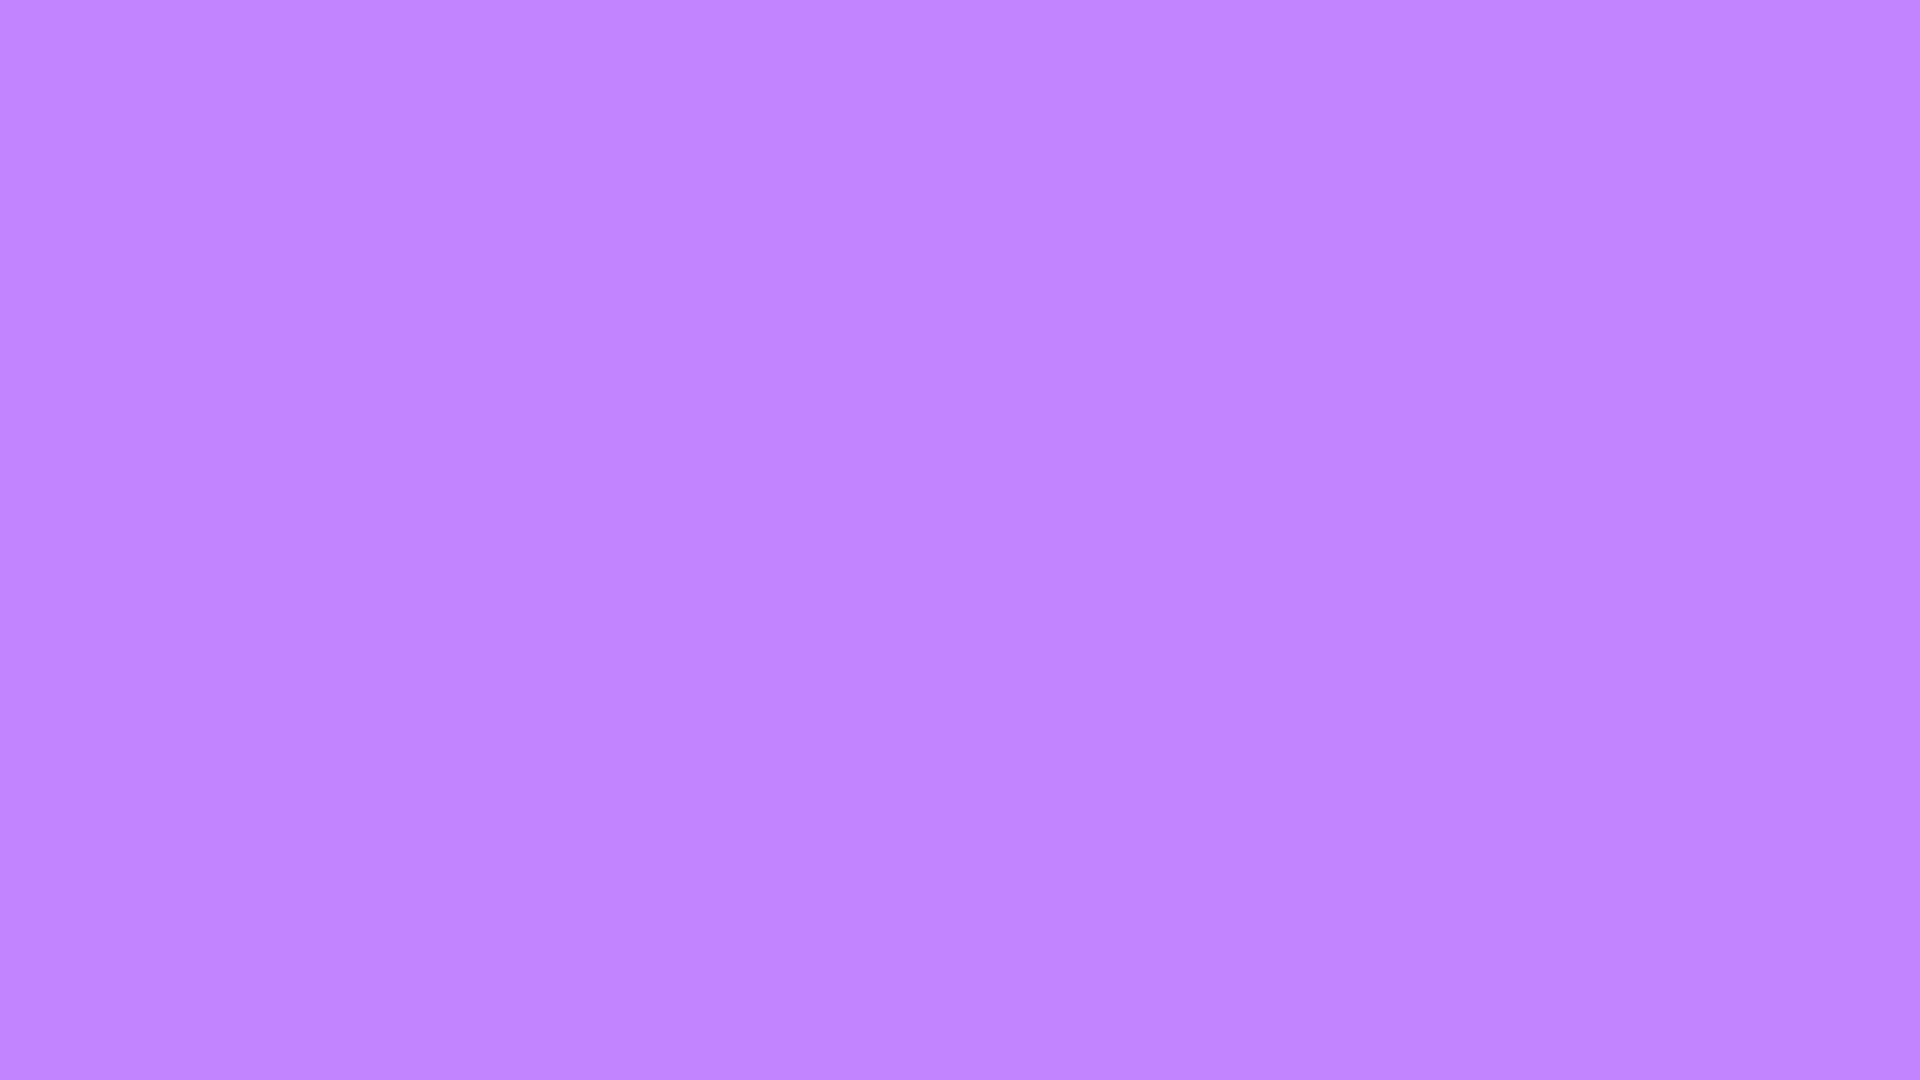 Purple Backgrounds Plain - Wallpaper Cave